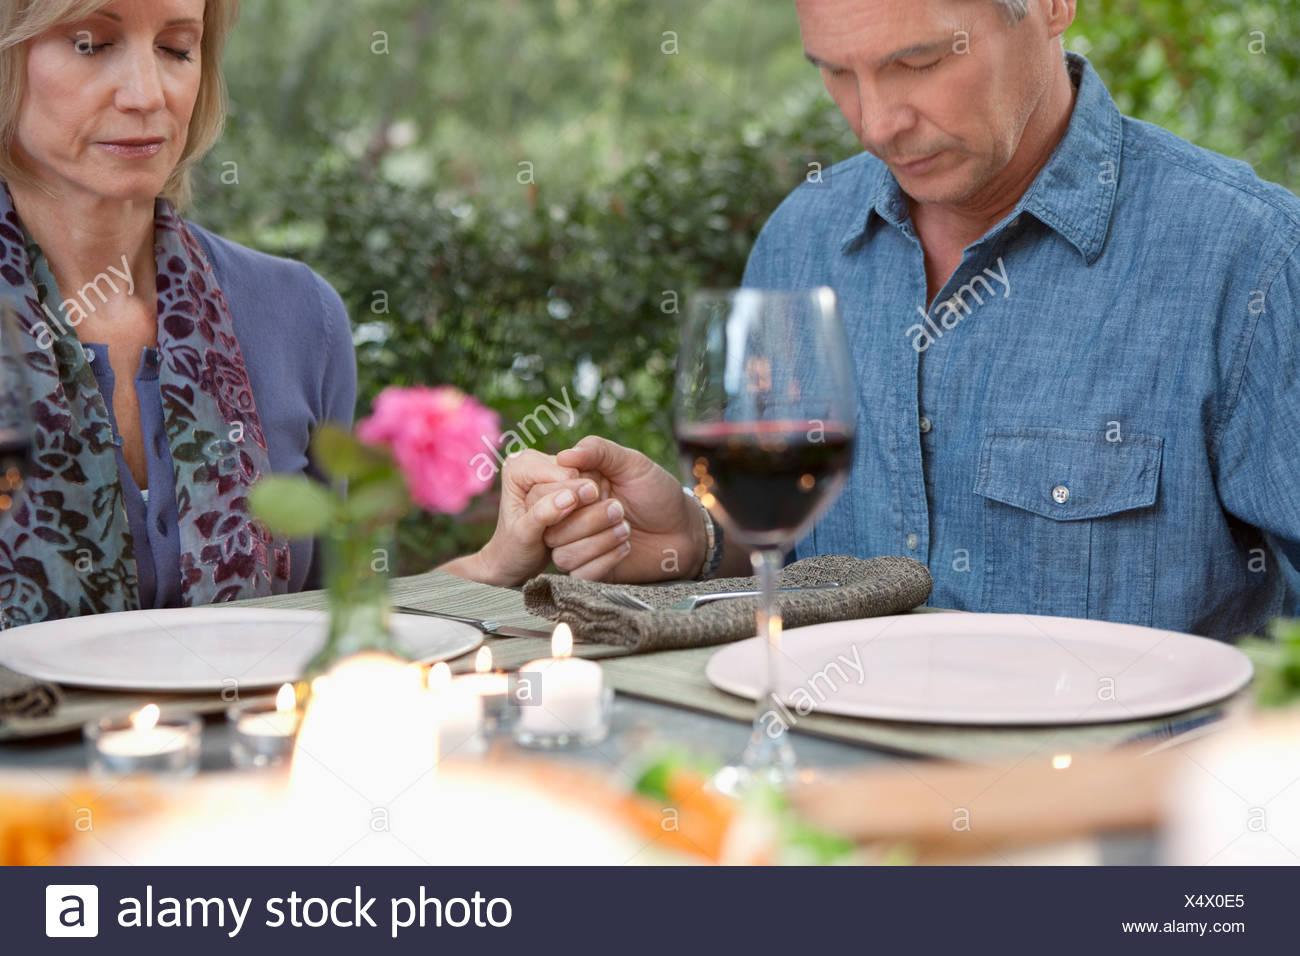 Coppia di anziani pregando al tavolo per la cena Immagini Stock